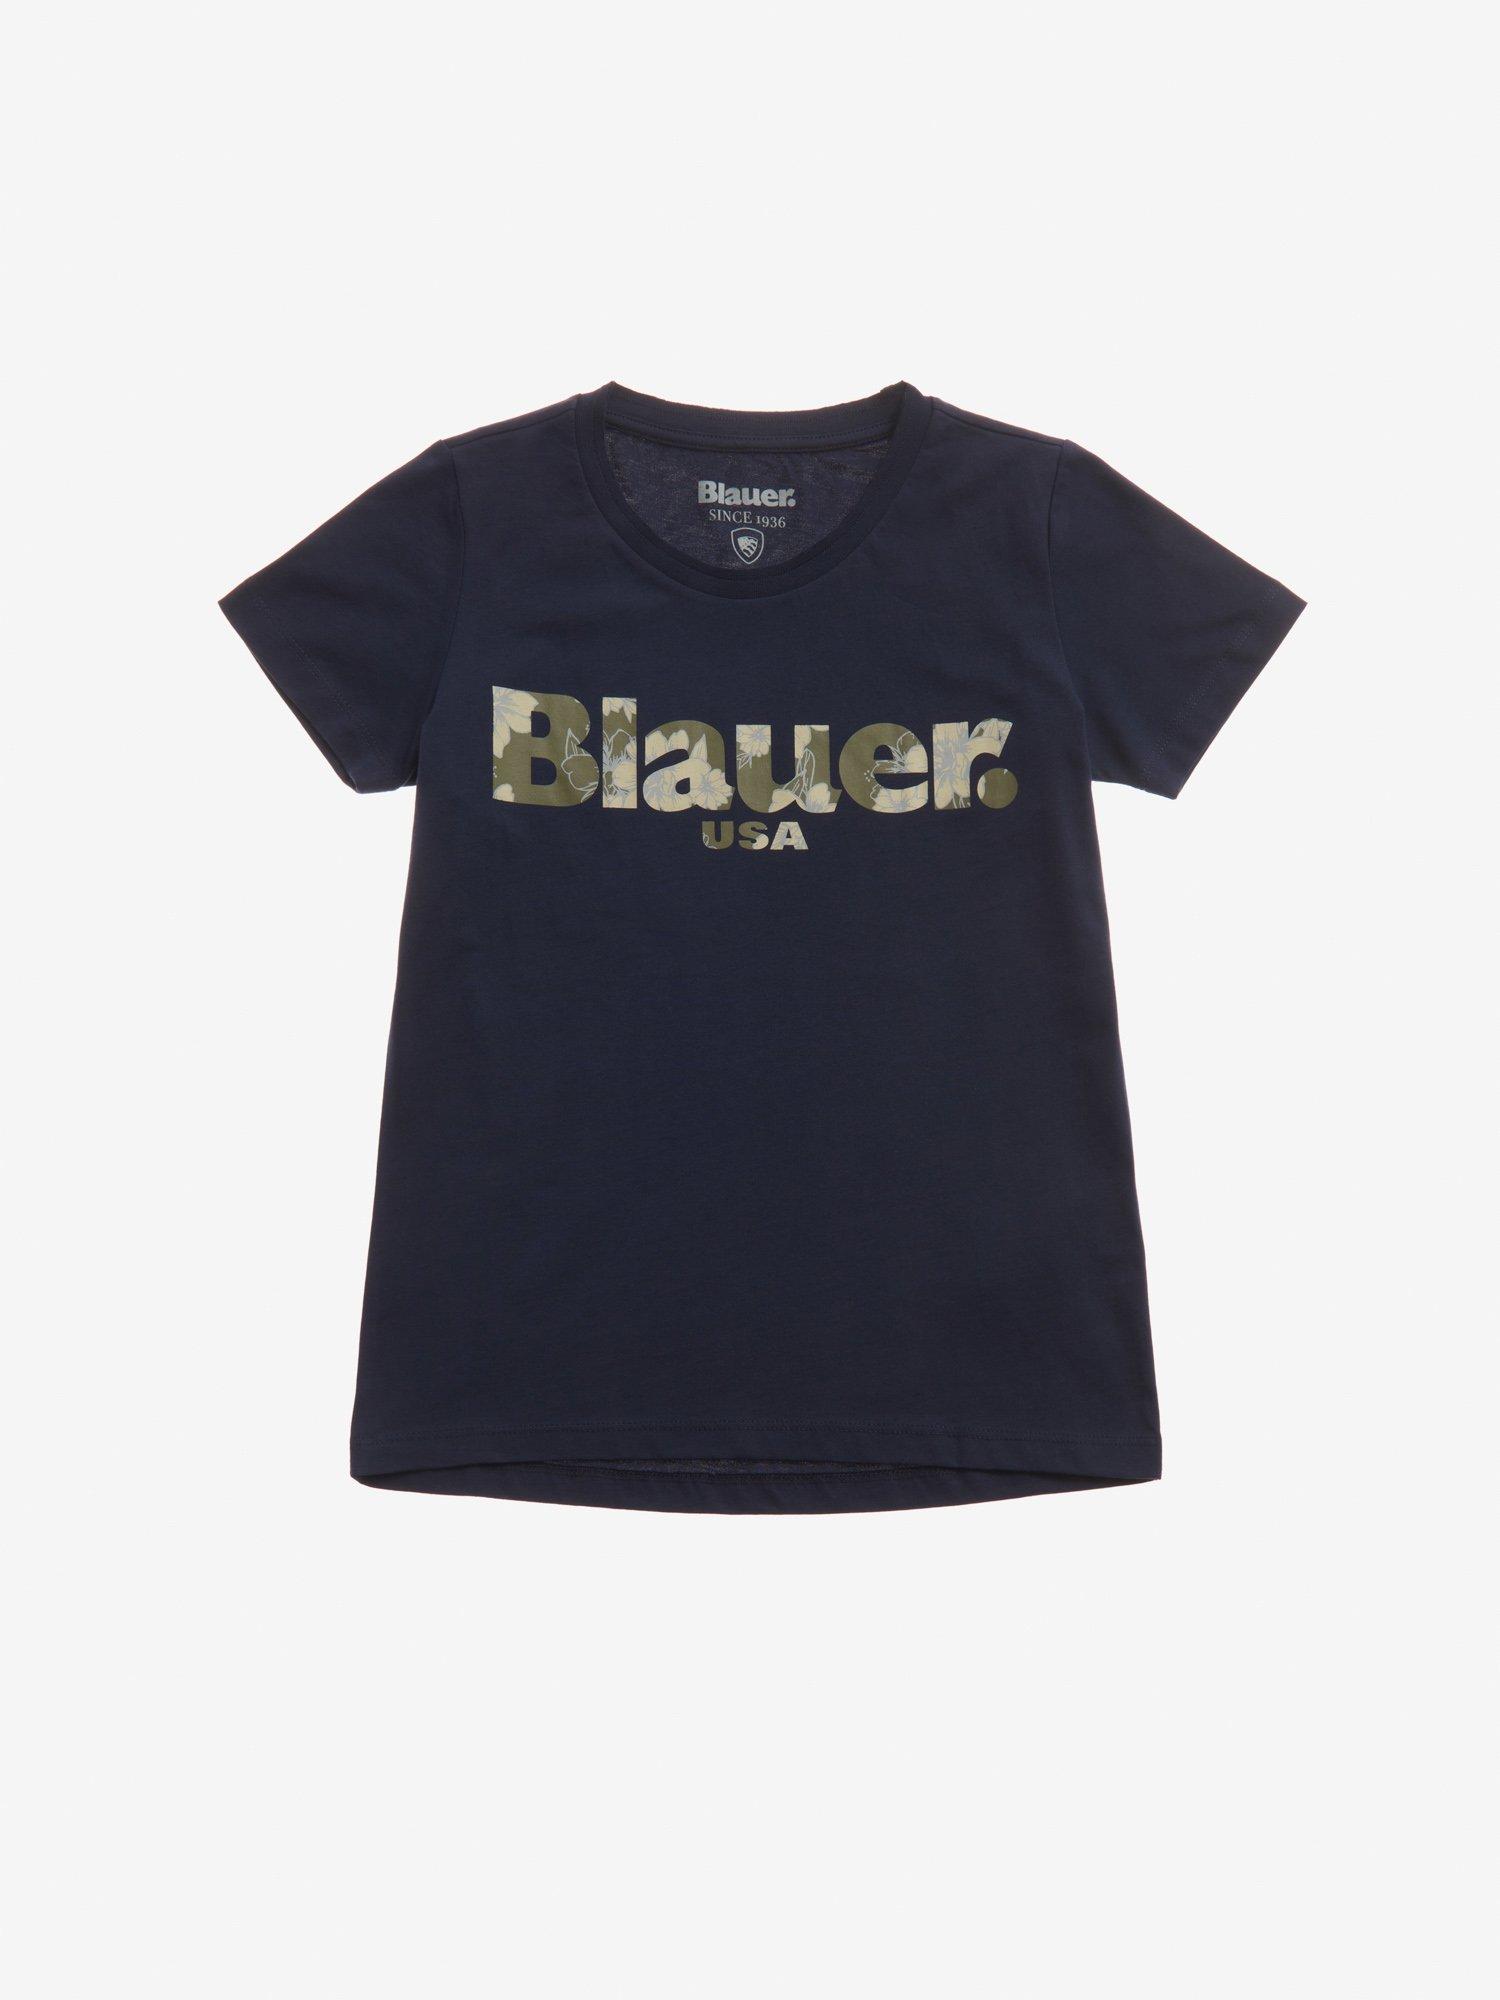 Blauer - T-SHIRT BLAUER BLUMENOPTIK FÜR MÄDCHEN - Dark Sapphire - Blauer